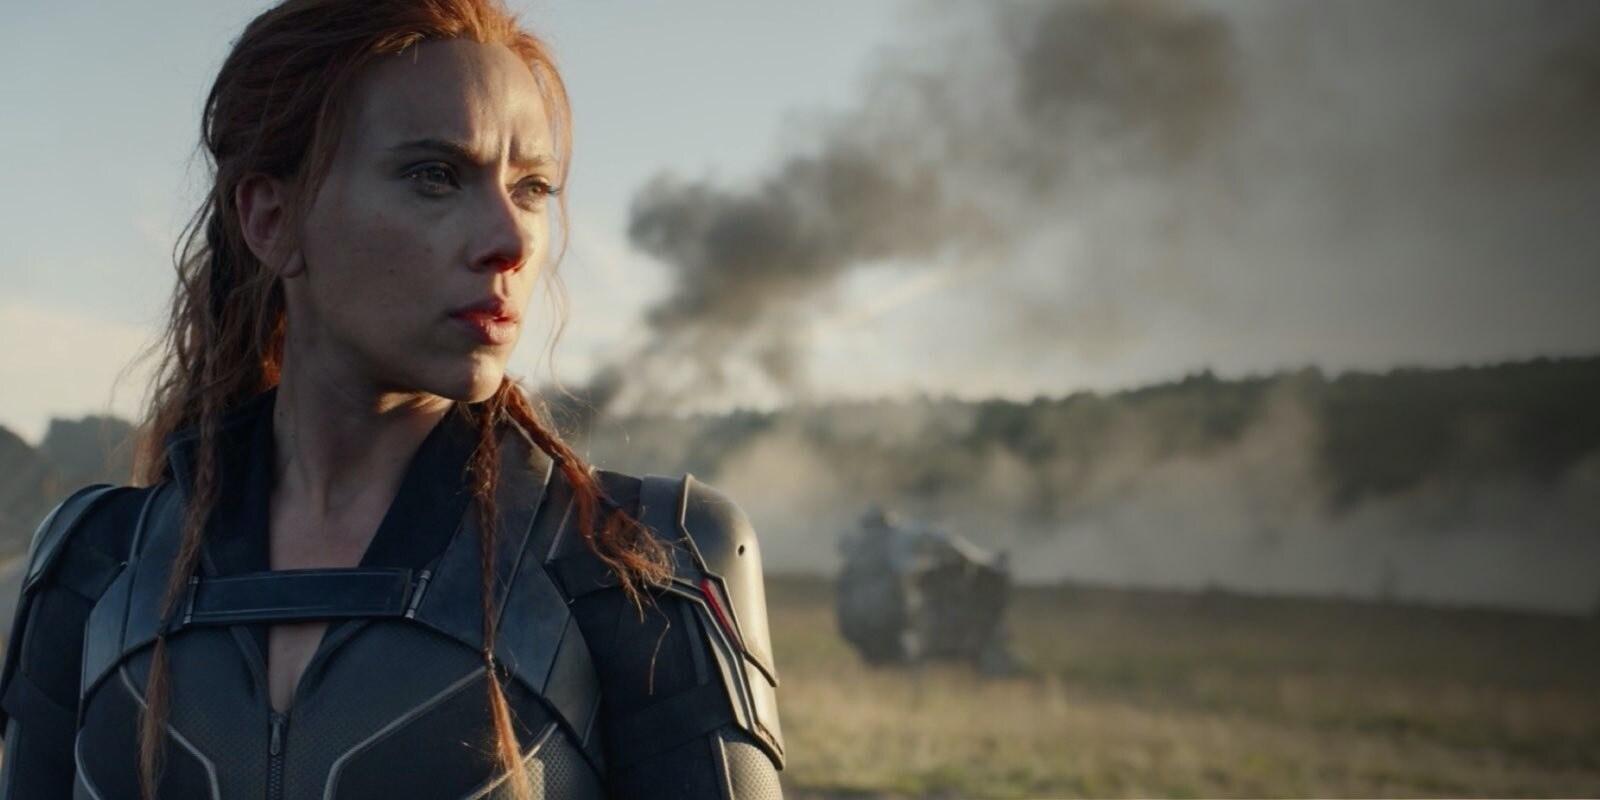 Scarlett Johansson in costume as Black Widow